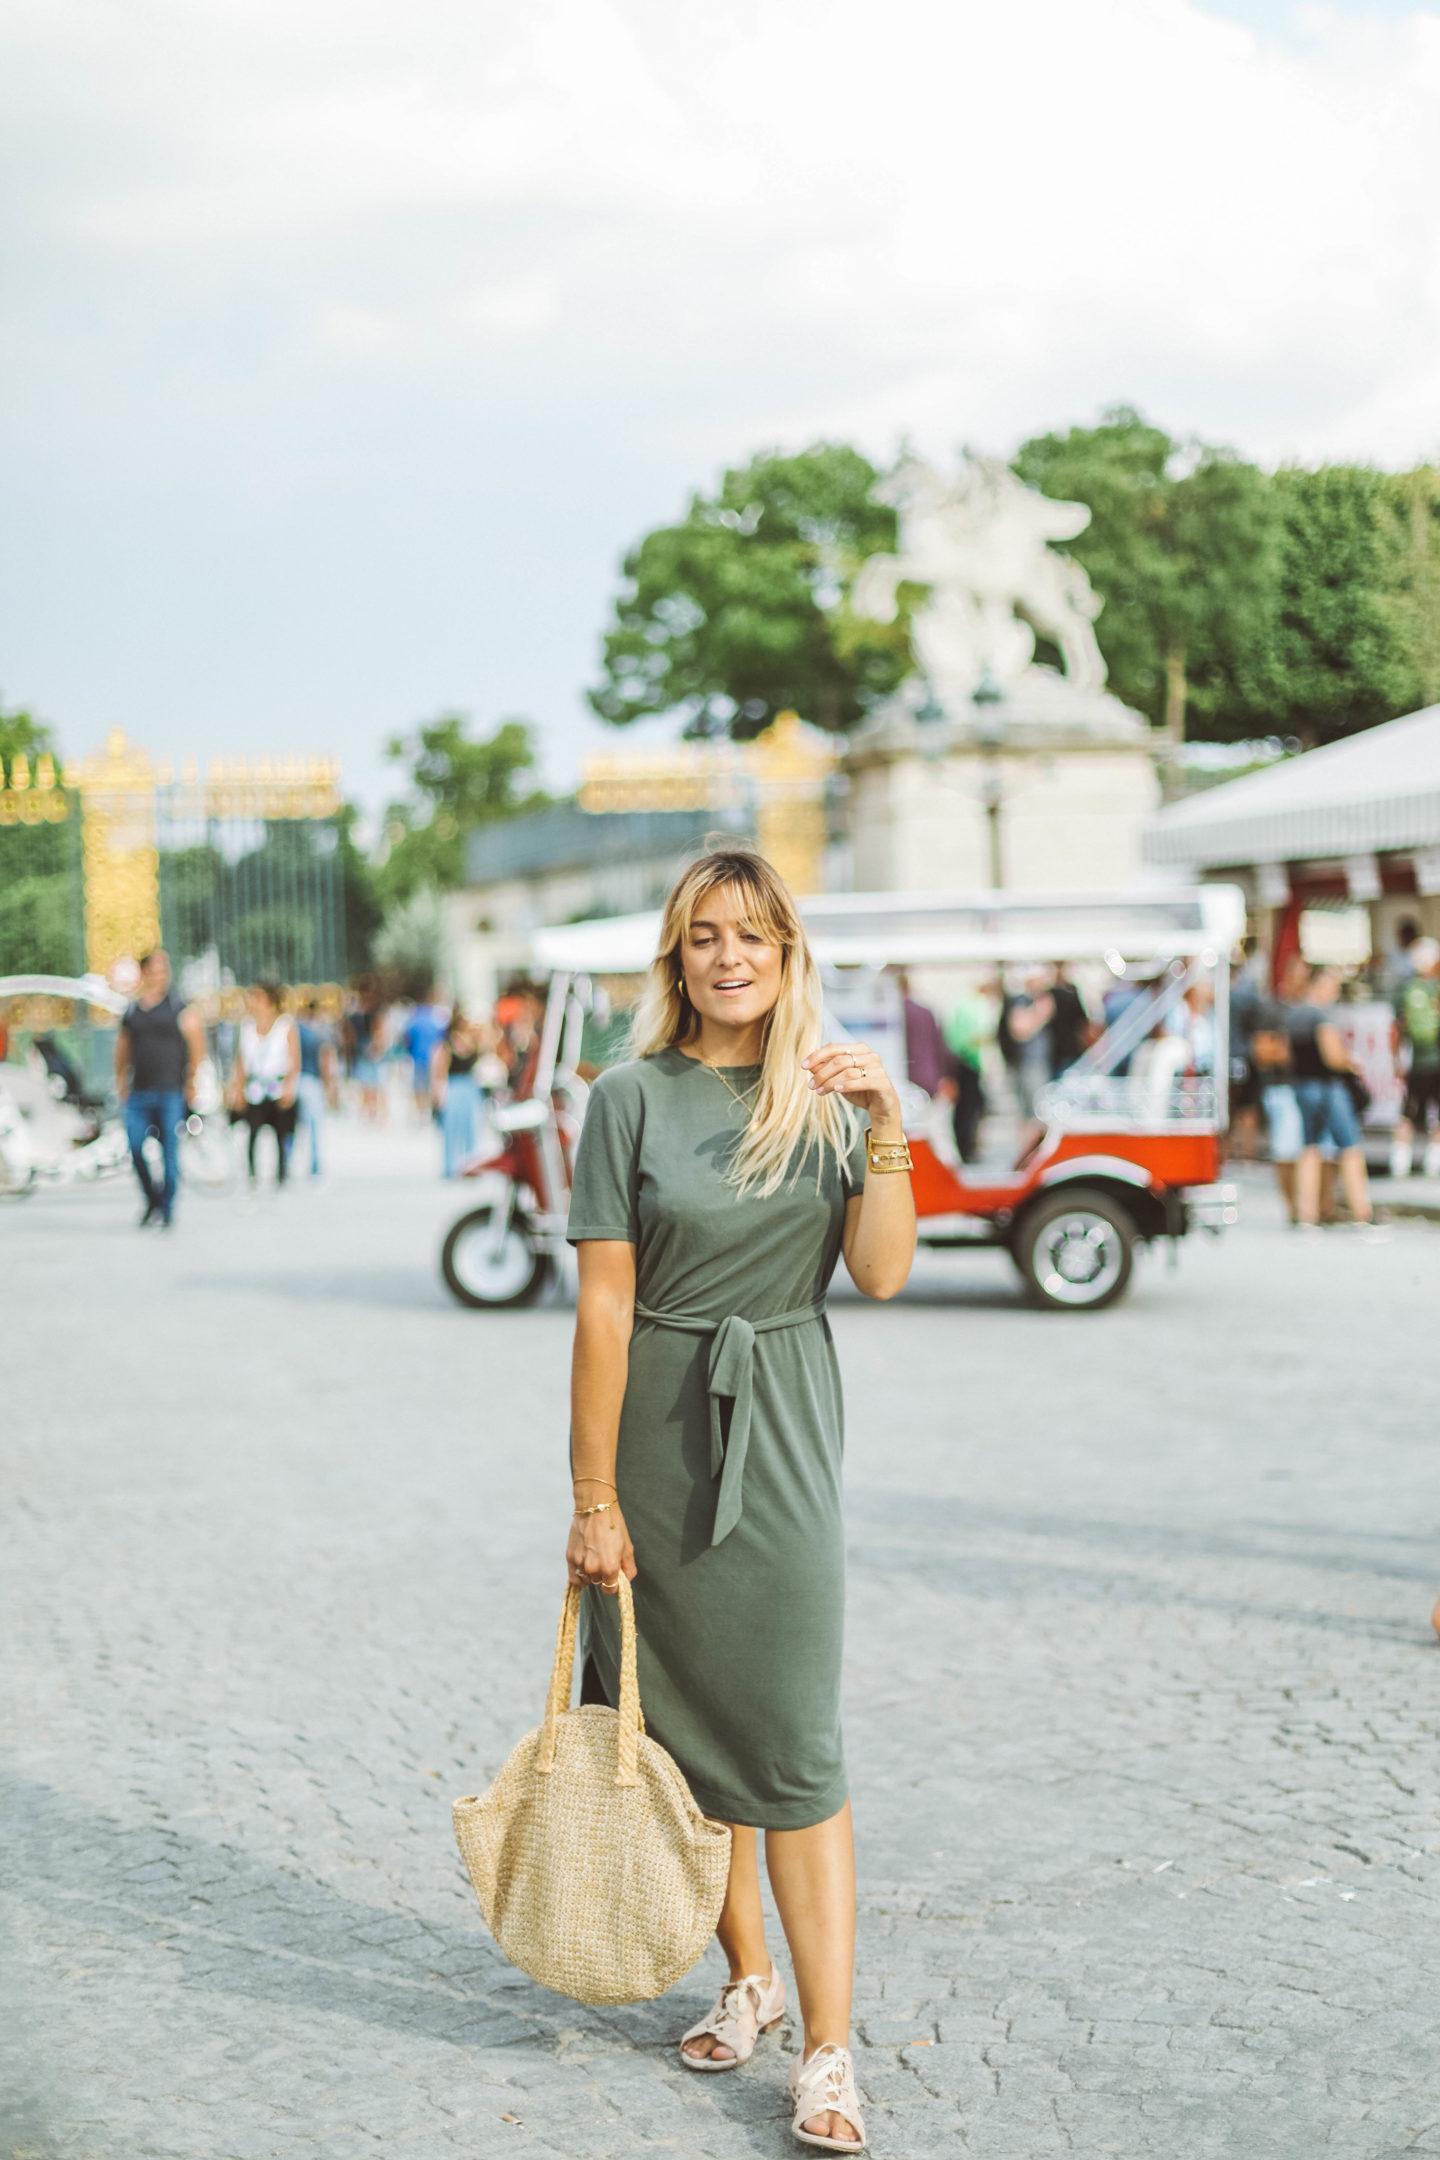 Sandales Sézane - Blondie Baby blog mode Paris et voyages